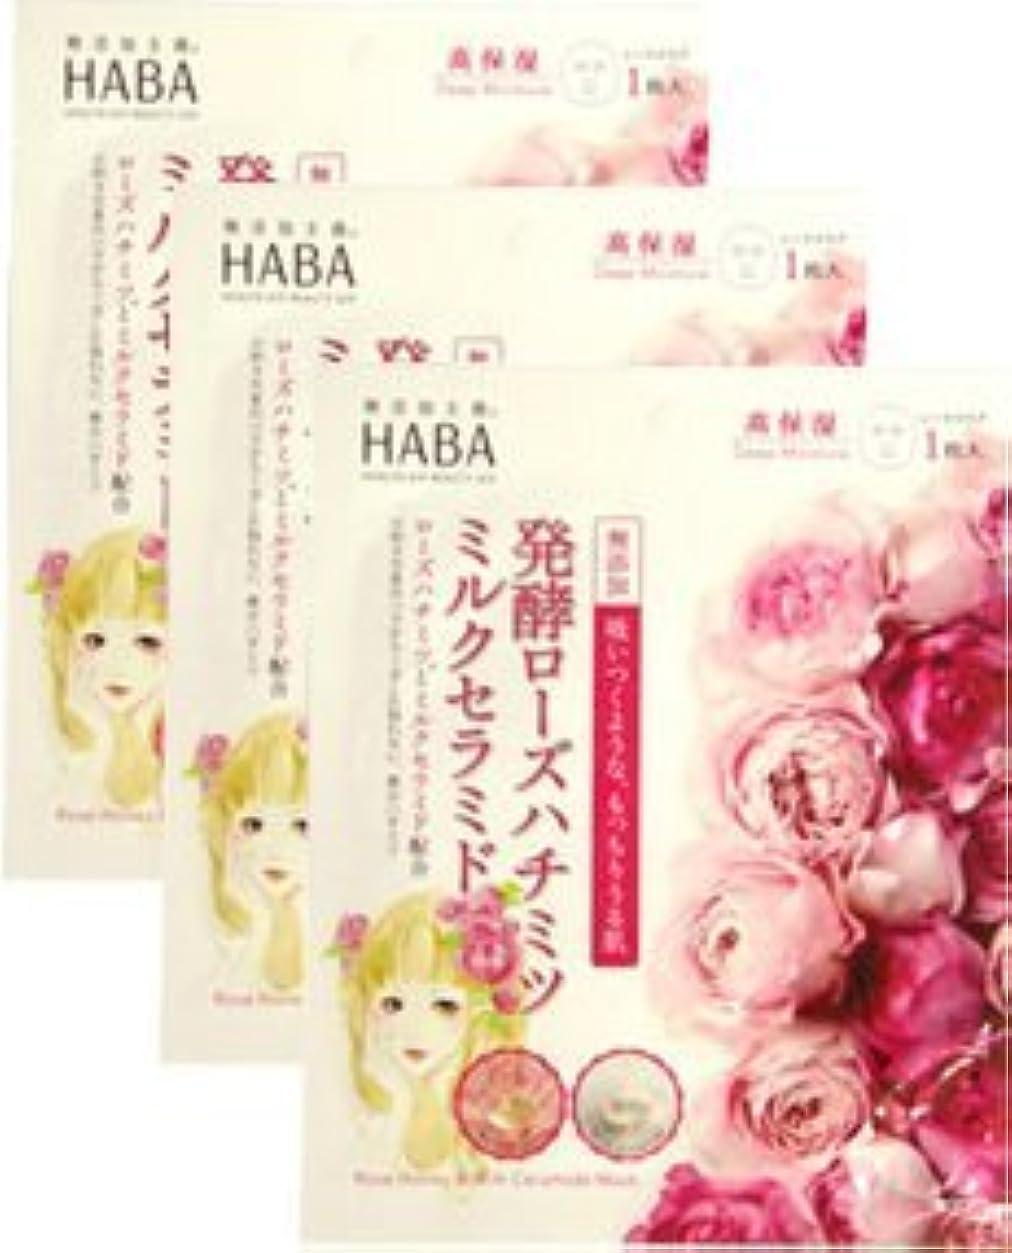 勇敢な僕の仮定、想定。推測HABA 発酵ローズハチミツ ミルクセラミドマスク 5包入り(箱入) 3個セット